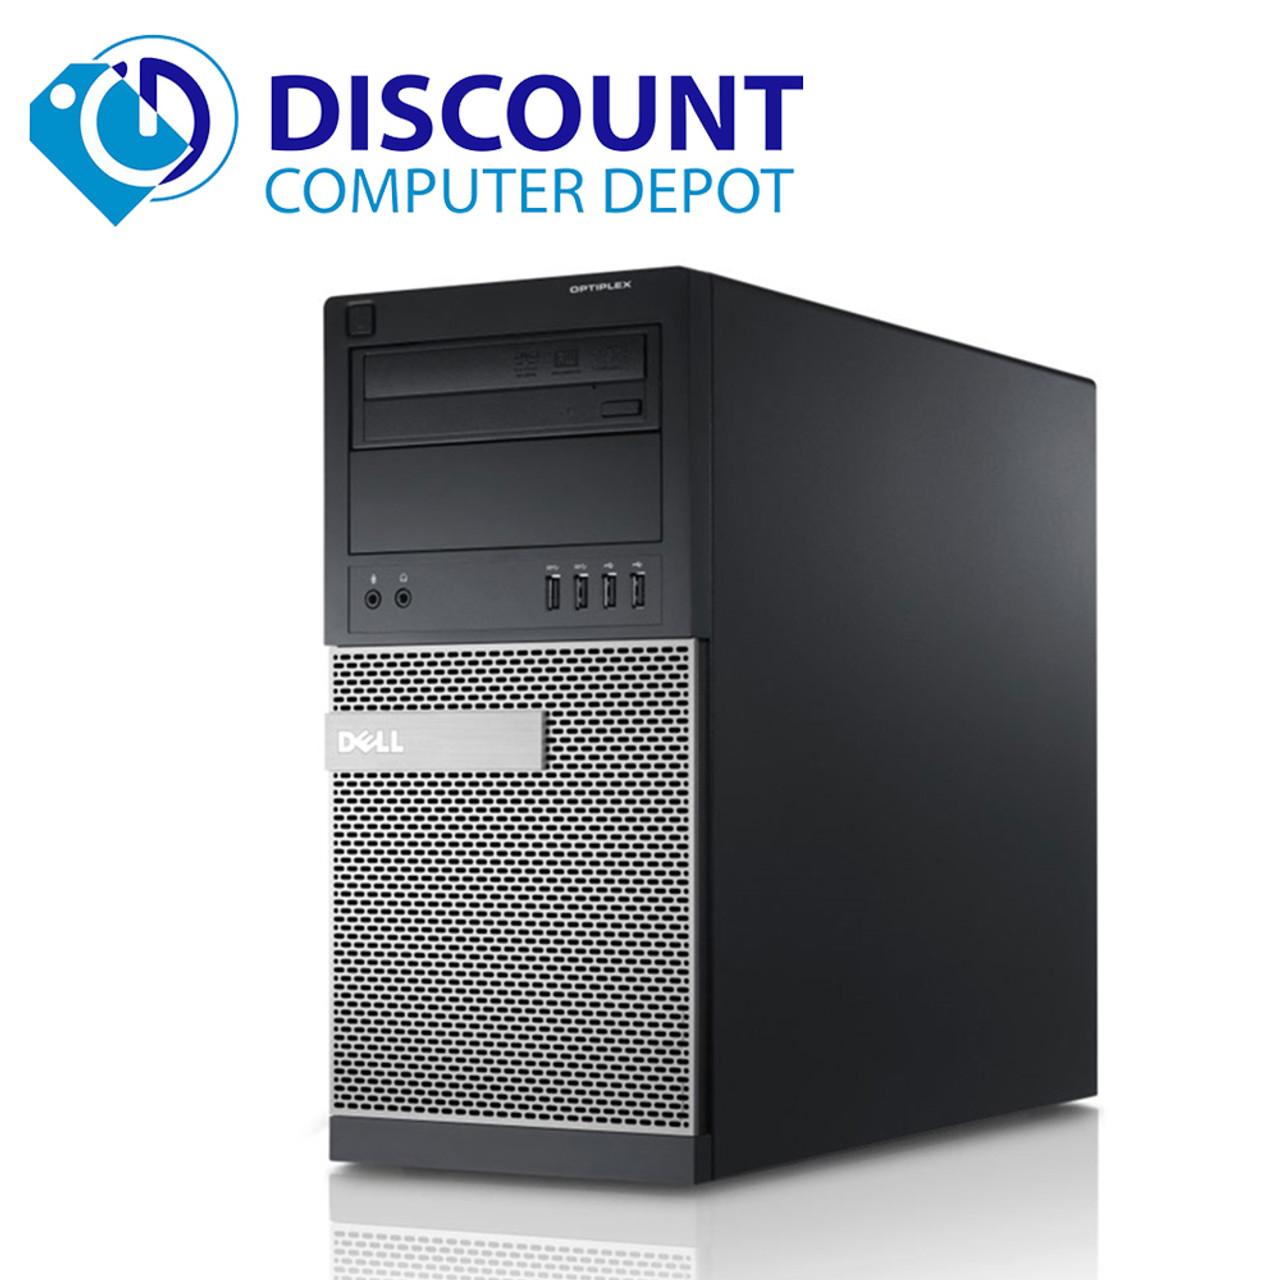 Dell Optiplex 790 Windows 10 pro Desktop Computer Core i5 3 1GHz 8GB 500GB  Wifi